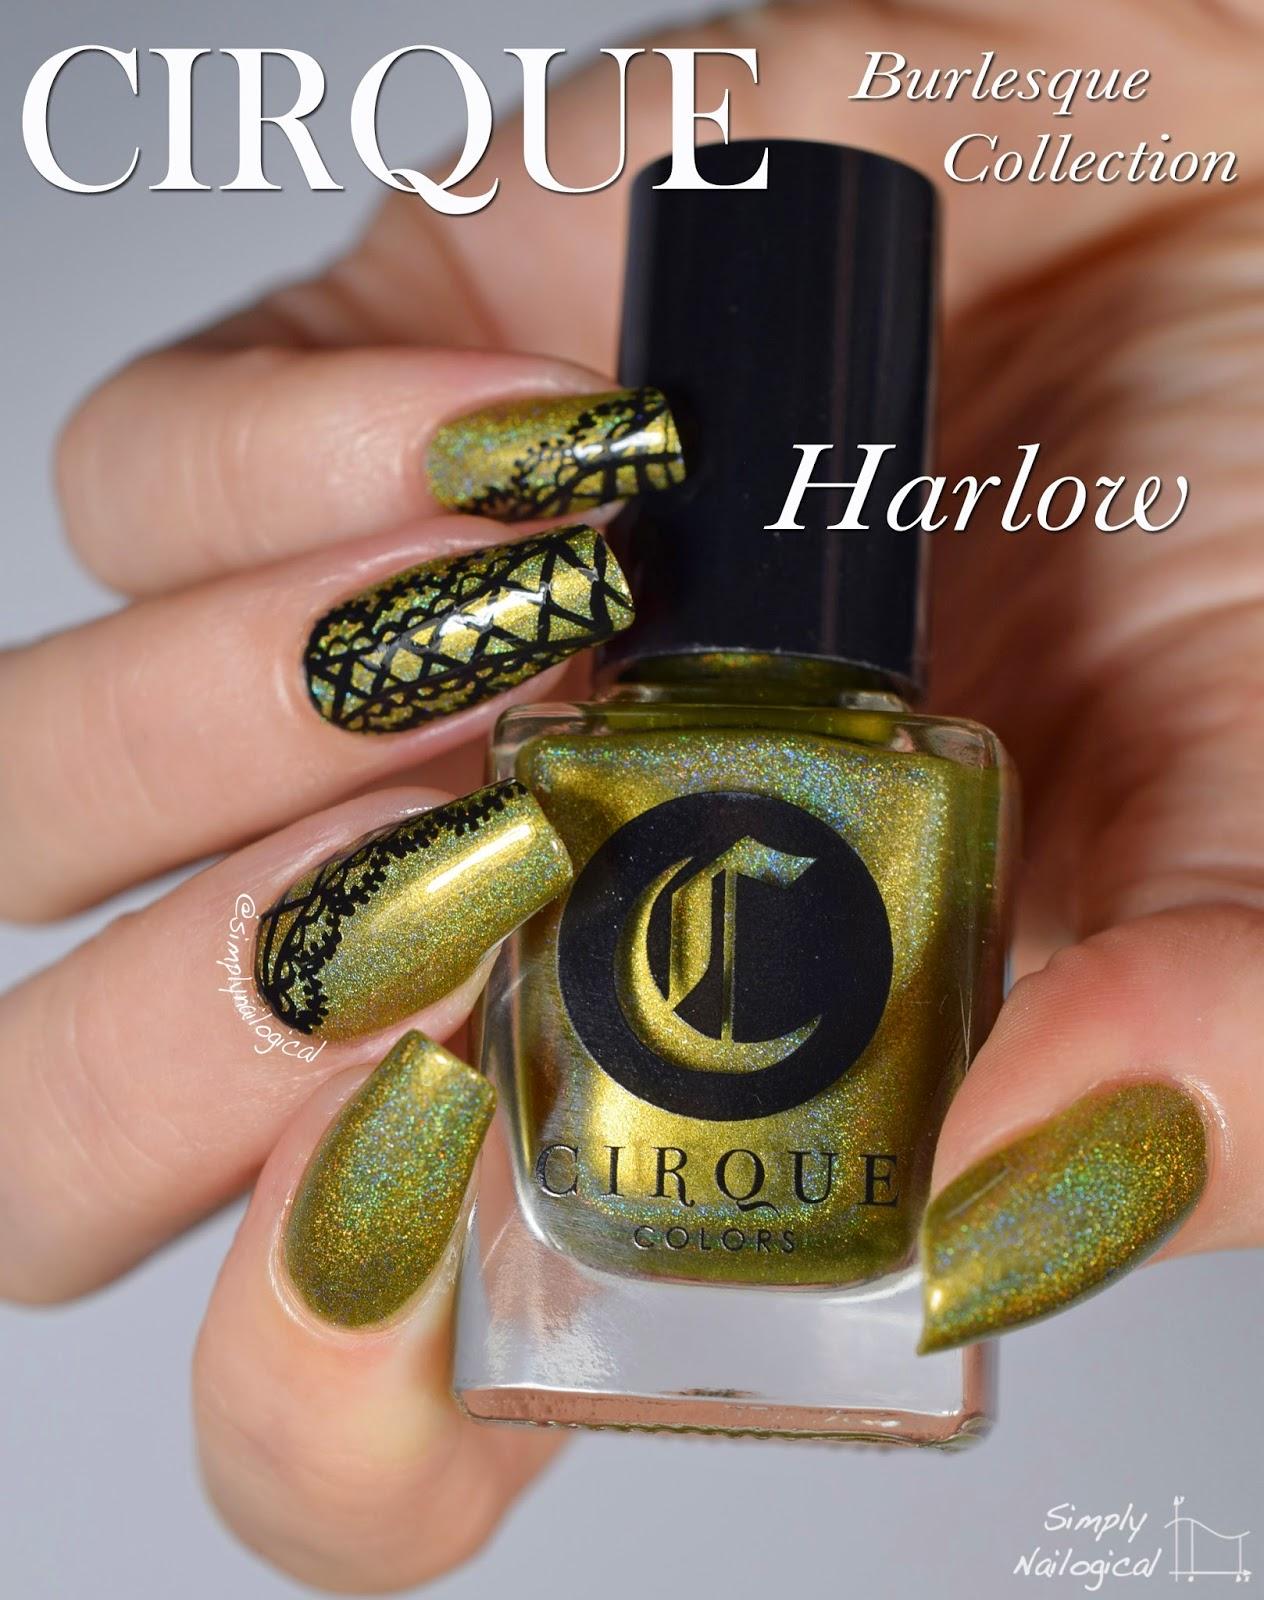 Cirque Burlesque - Harlow